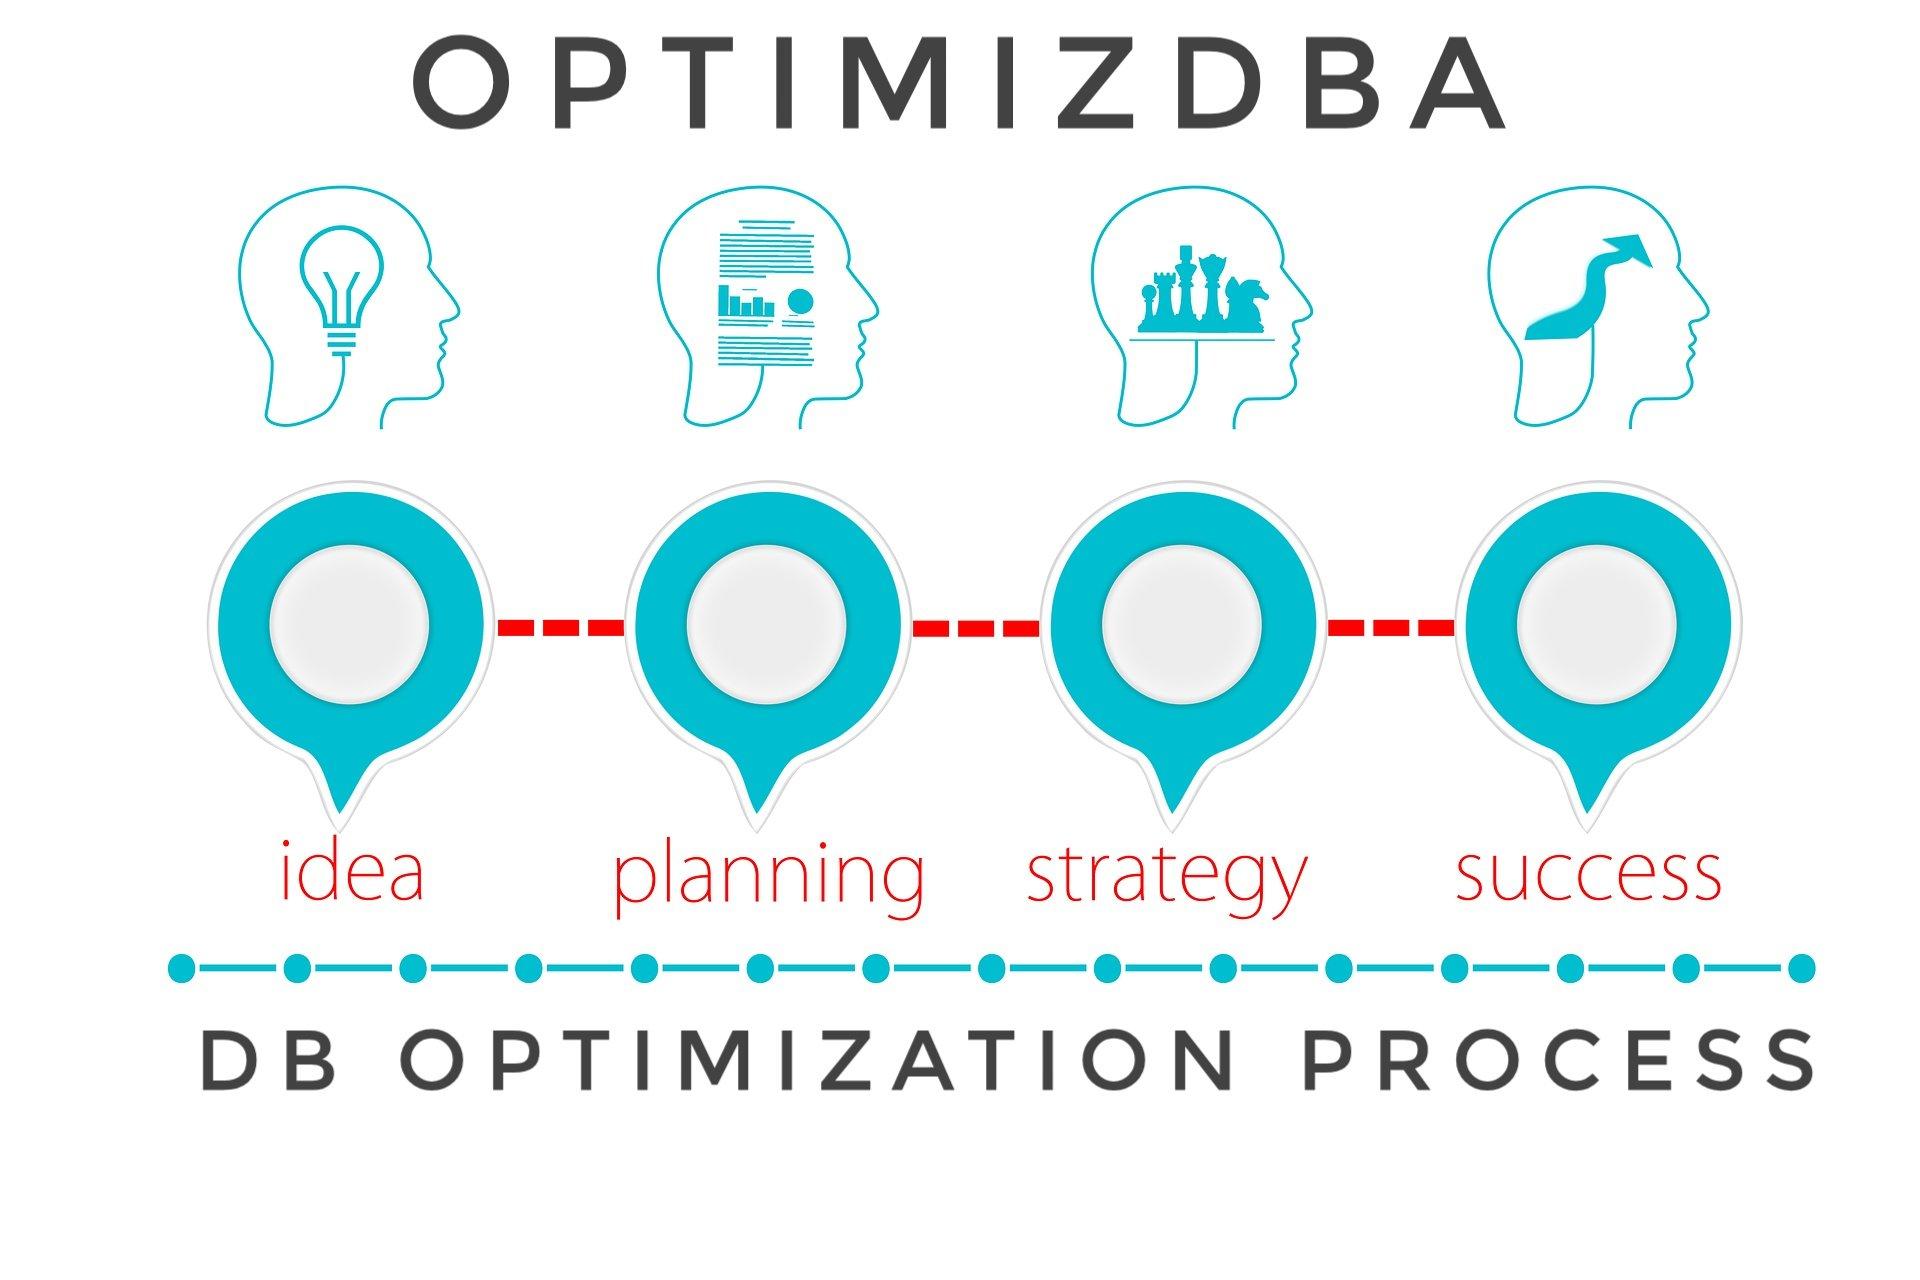 optimizdba-database-optimization